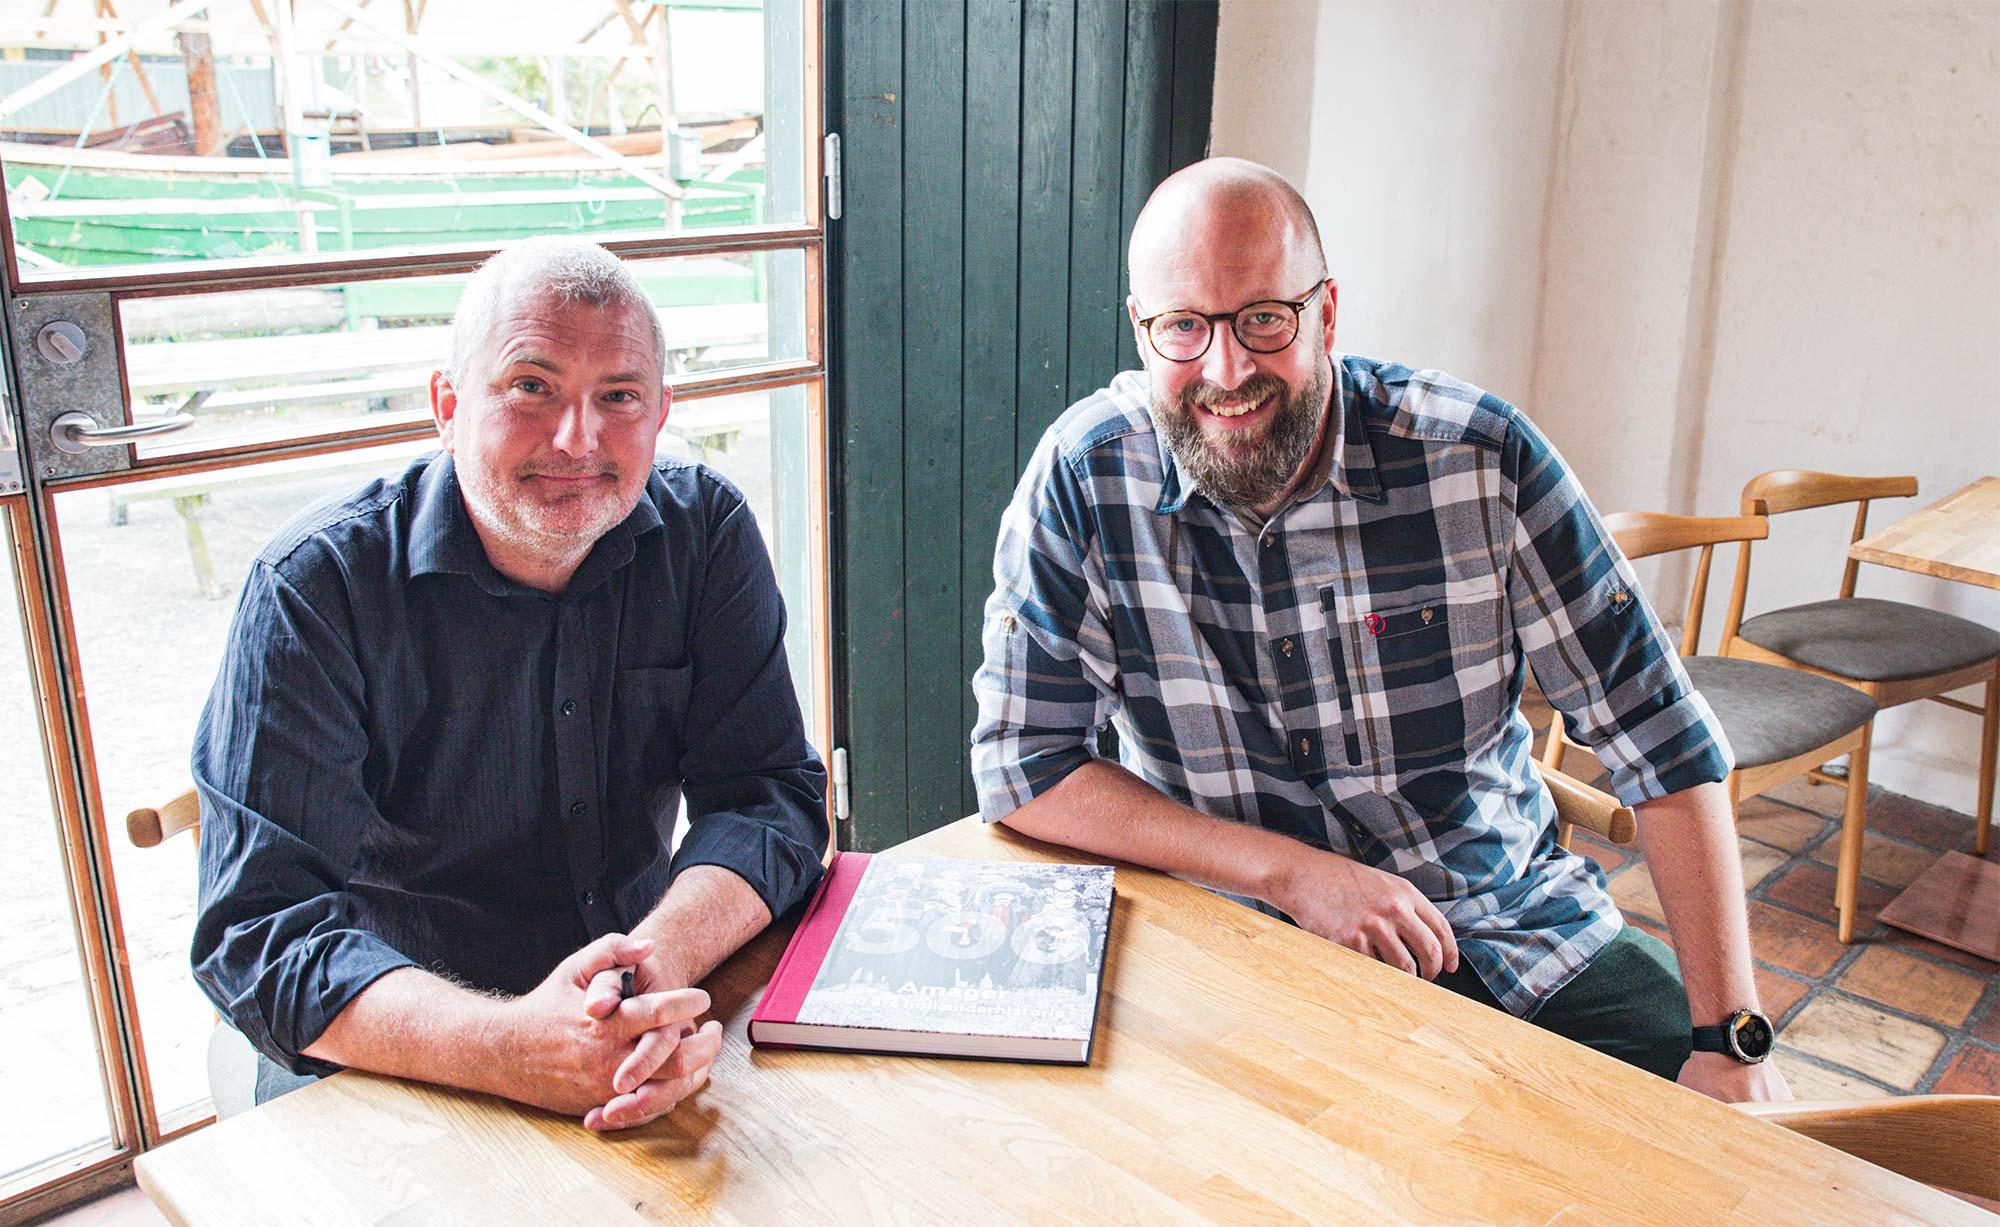 To af forfatterne til museets nyudgivelse, Søren Mentz (tv.) og Christian Aagaard, var mødt op i Havnepakhuset for at signere bøger til de mange købere. Foto: Thomas Mose.